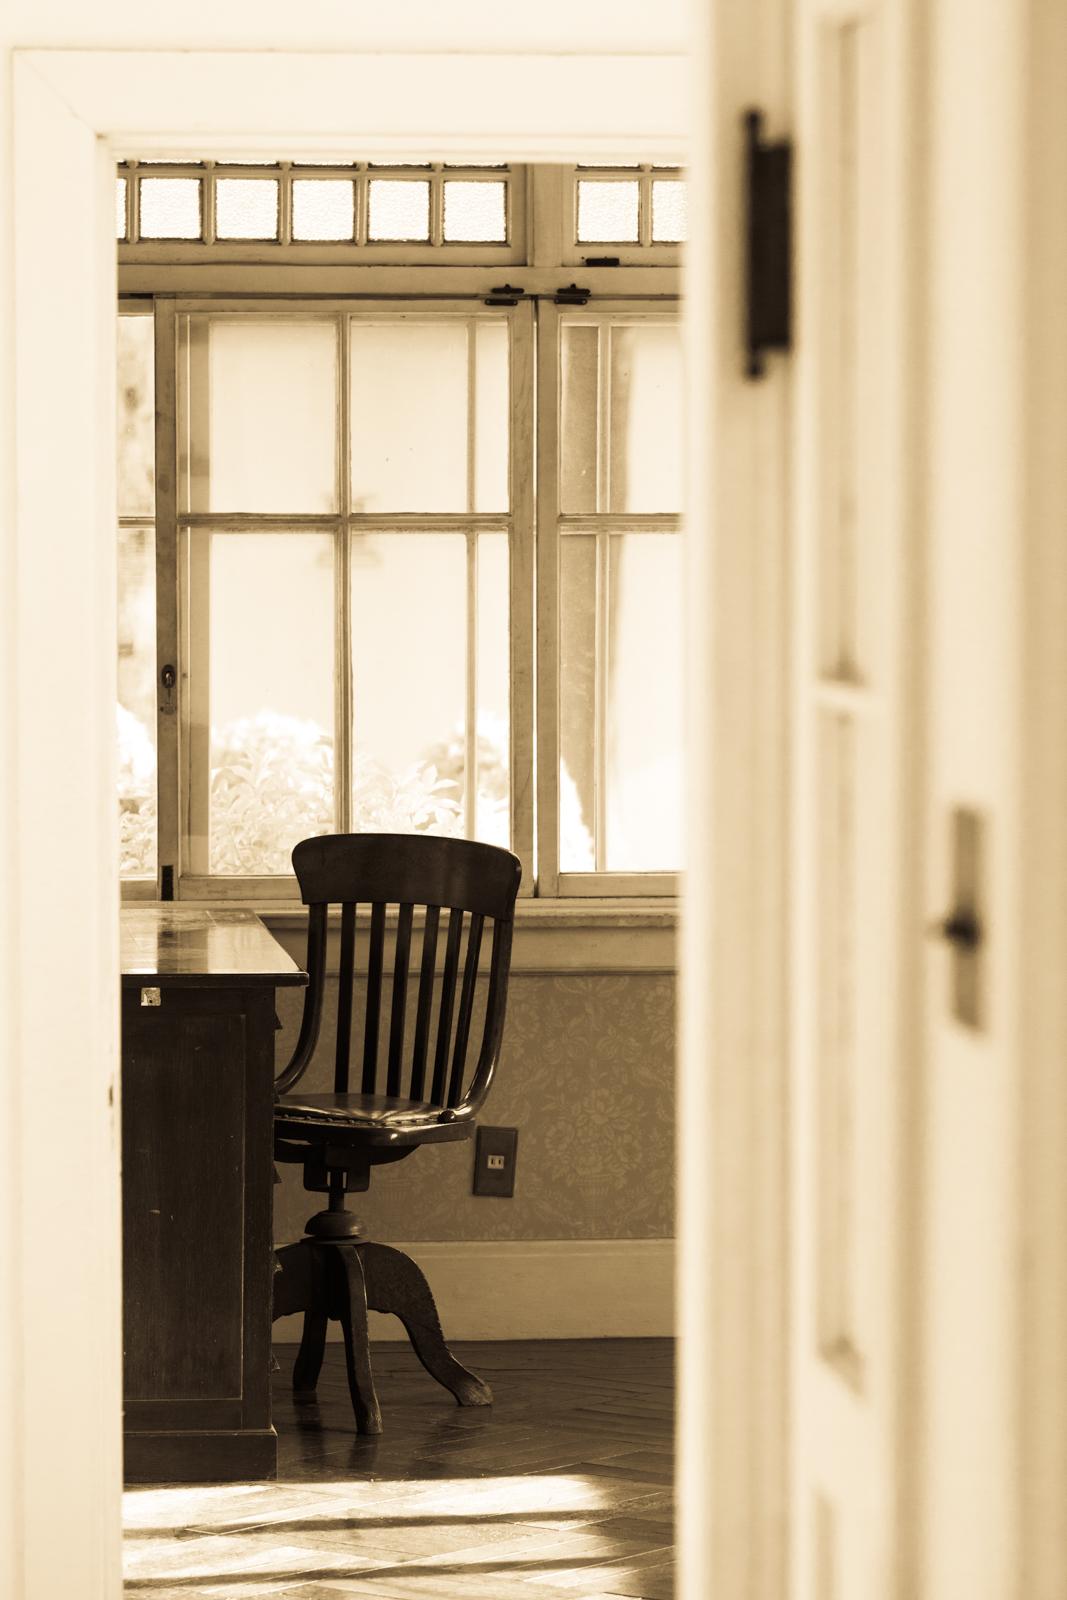 光が綺麗な窓辺と机の写真